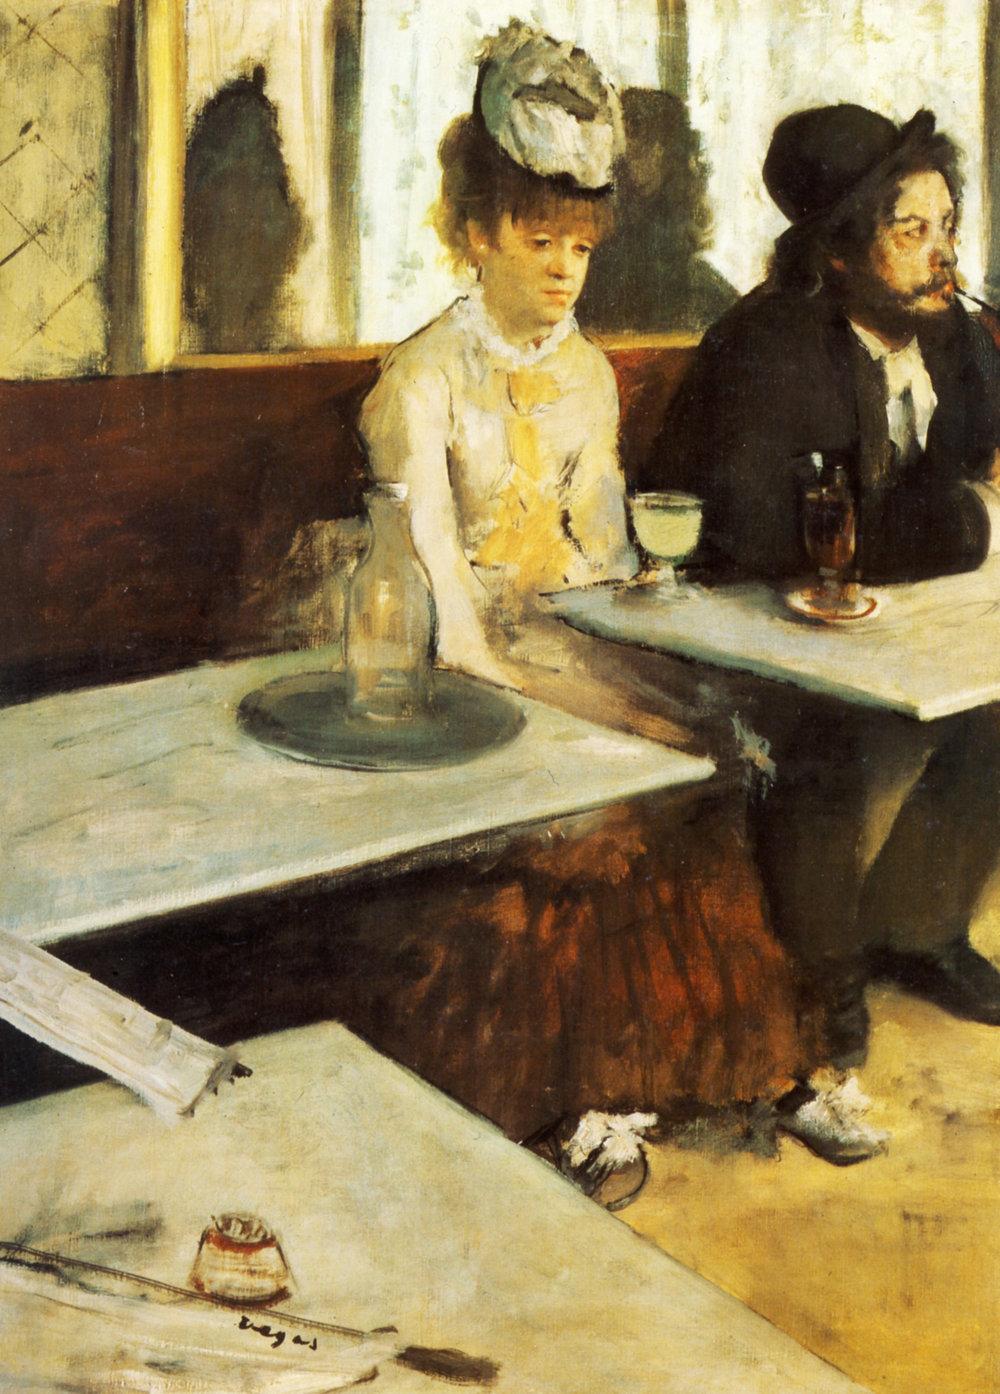 Edgar Degas -Dans un café, L'absinthe (1873). image - courtesy of musée d'orsay, paris.